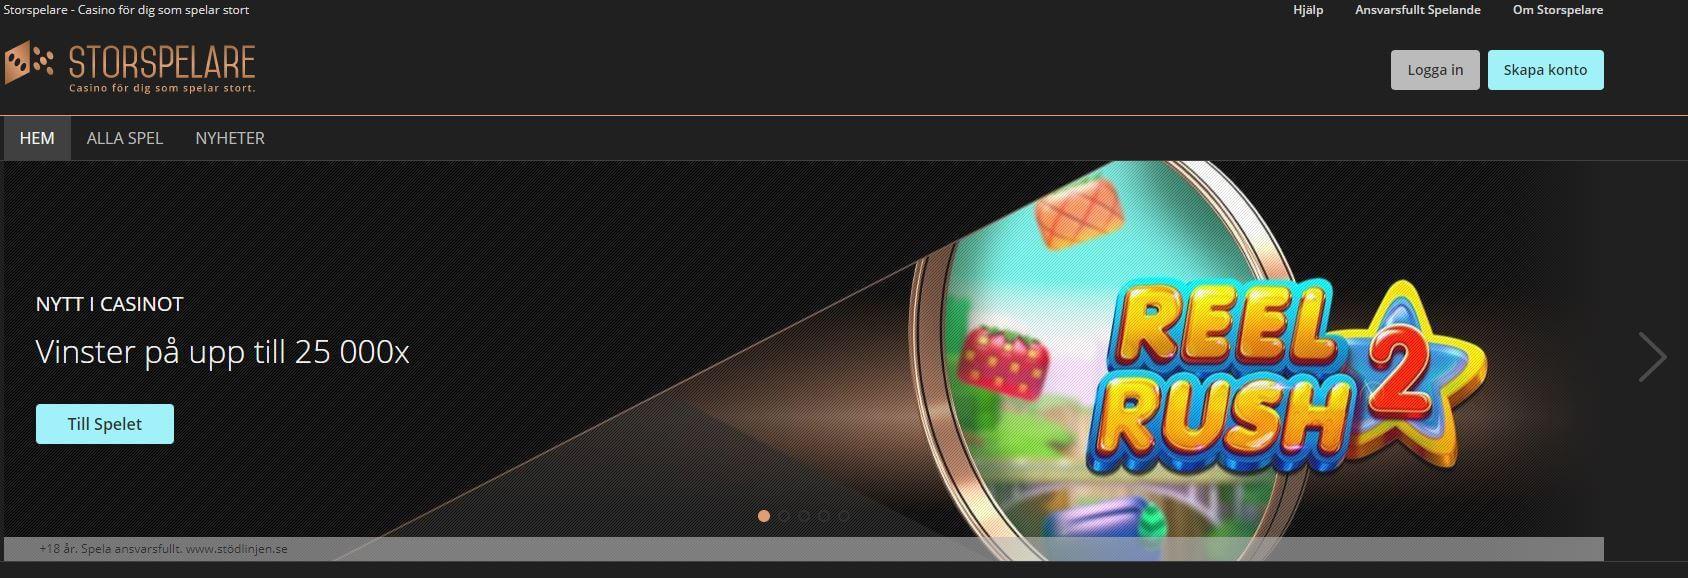 Storspelare com casinospel svenskt 40884